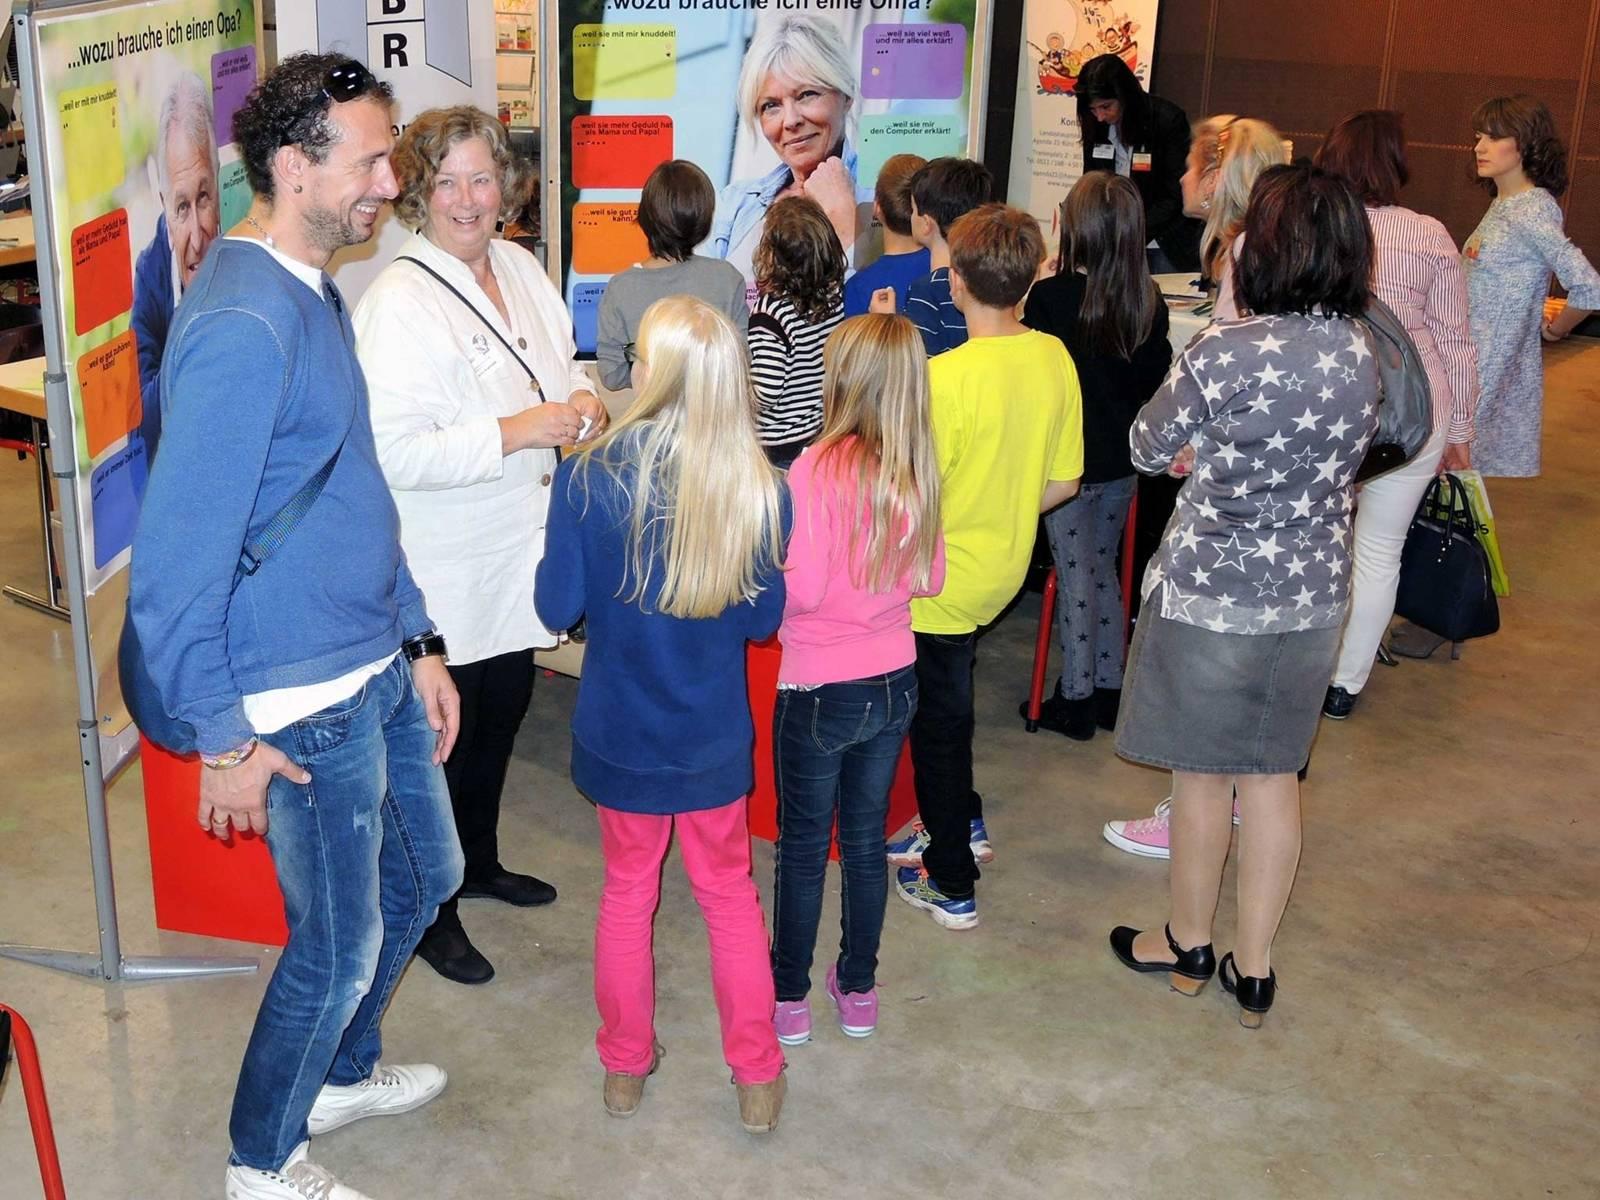 Der Informationsstand des Seniorenbeirats mit zahlreichen jungen Besucherinnen und Besuchern